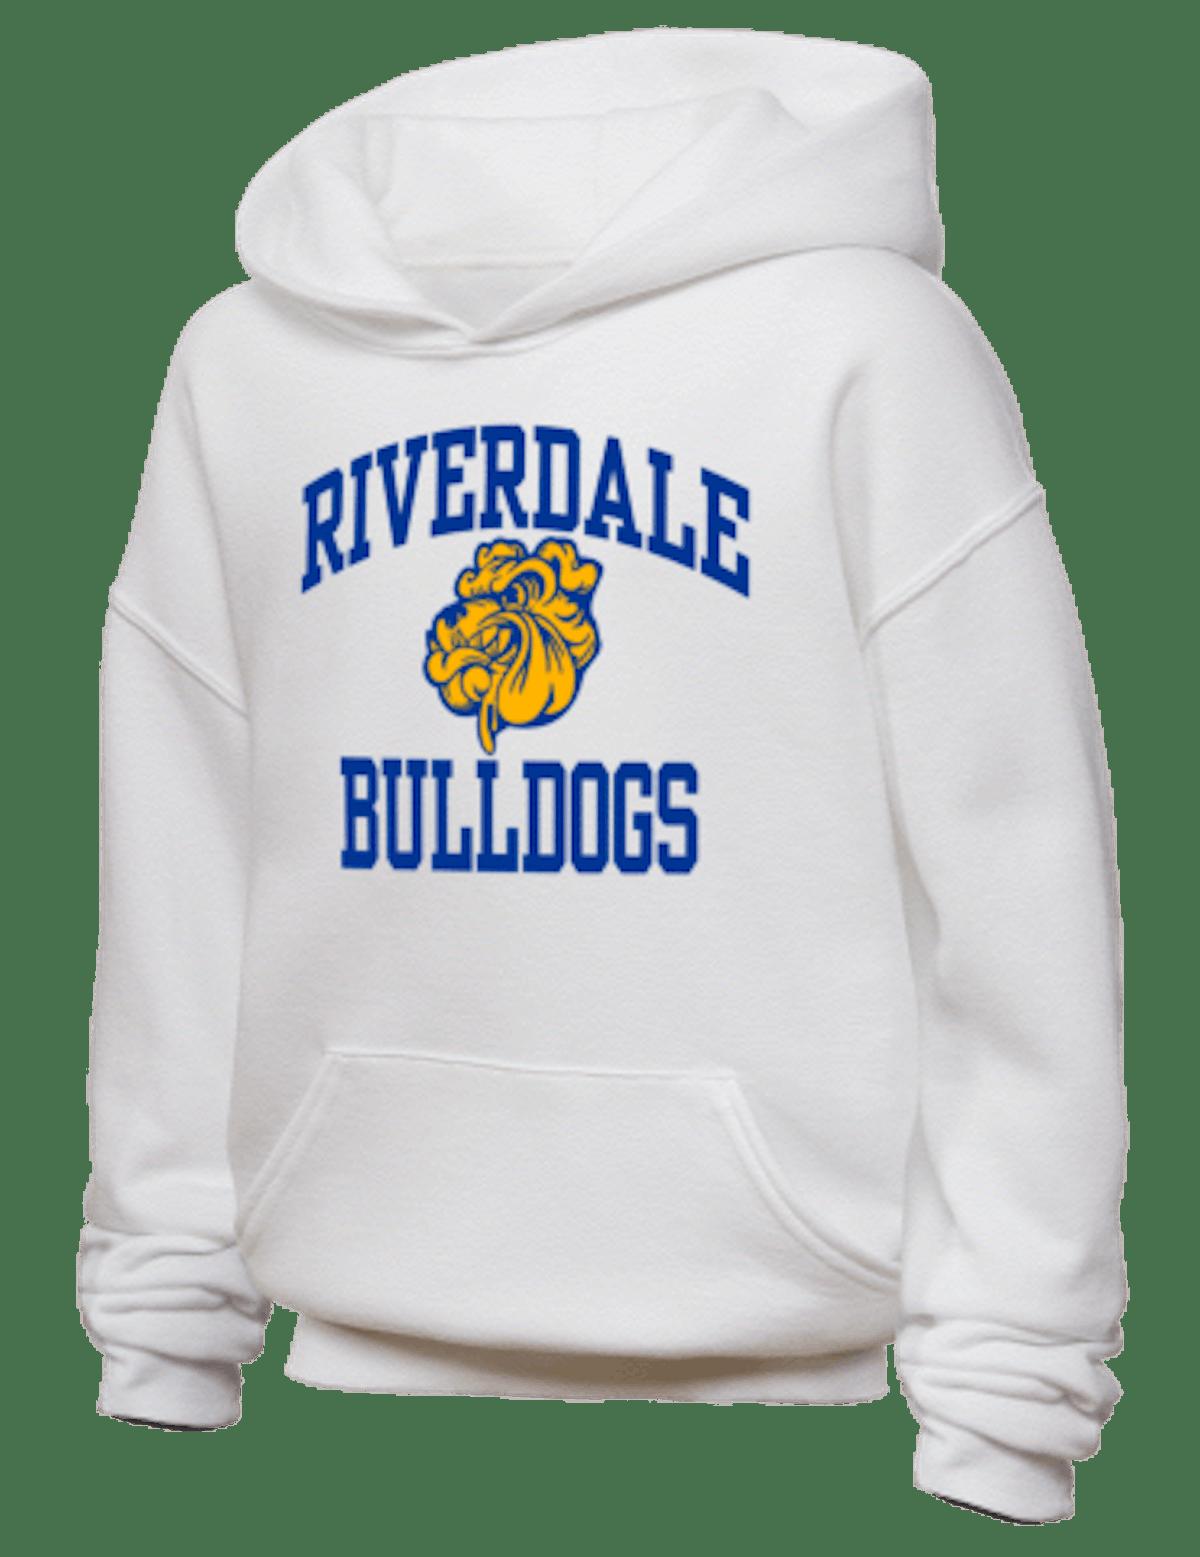 Riverdale Bulldogs Hoodie